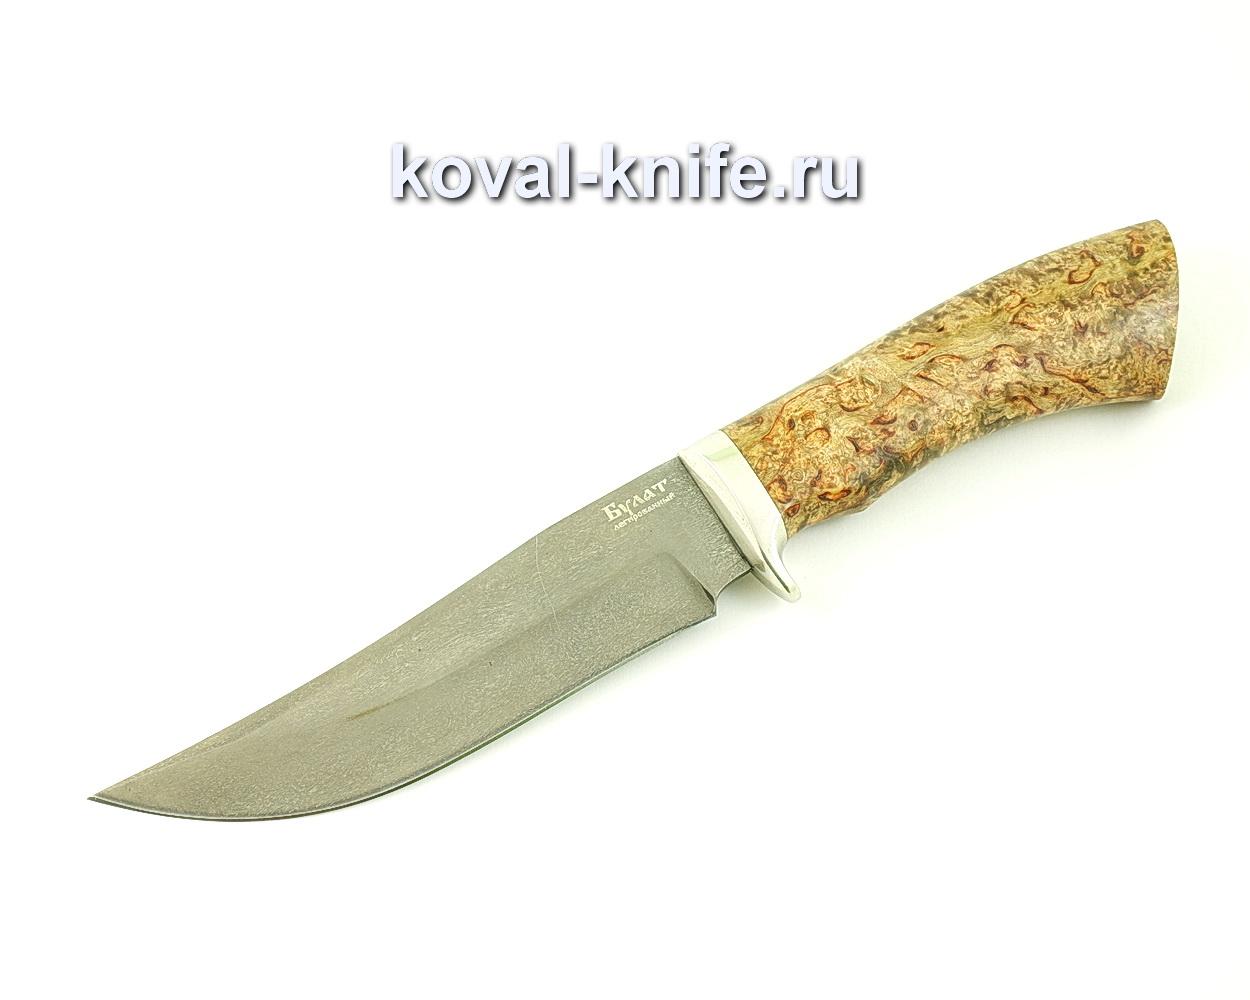 Нож из булатной стали Клыч (Легированный булат, рукоять стабилизированная карельская береза, литье мельхиор) A477